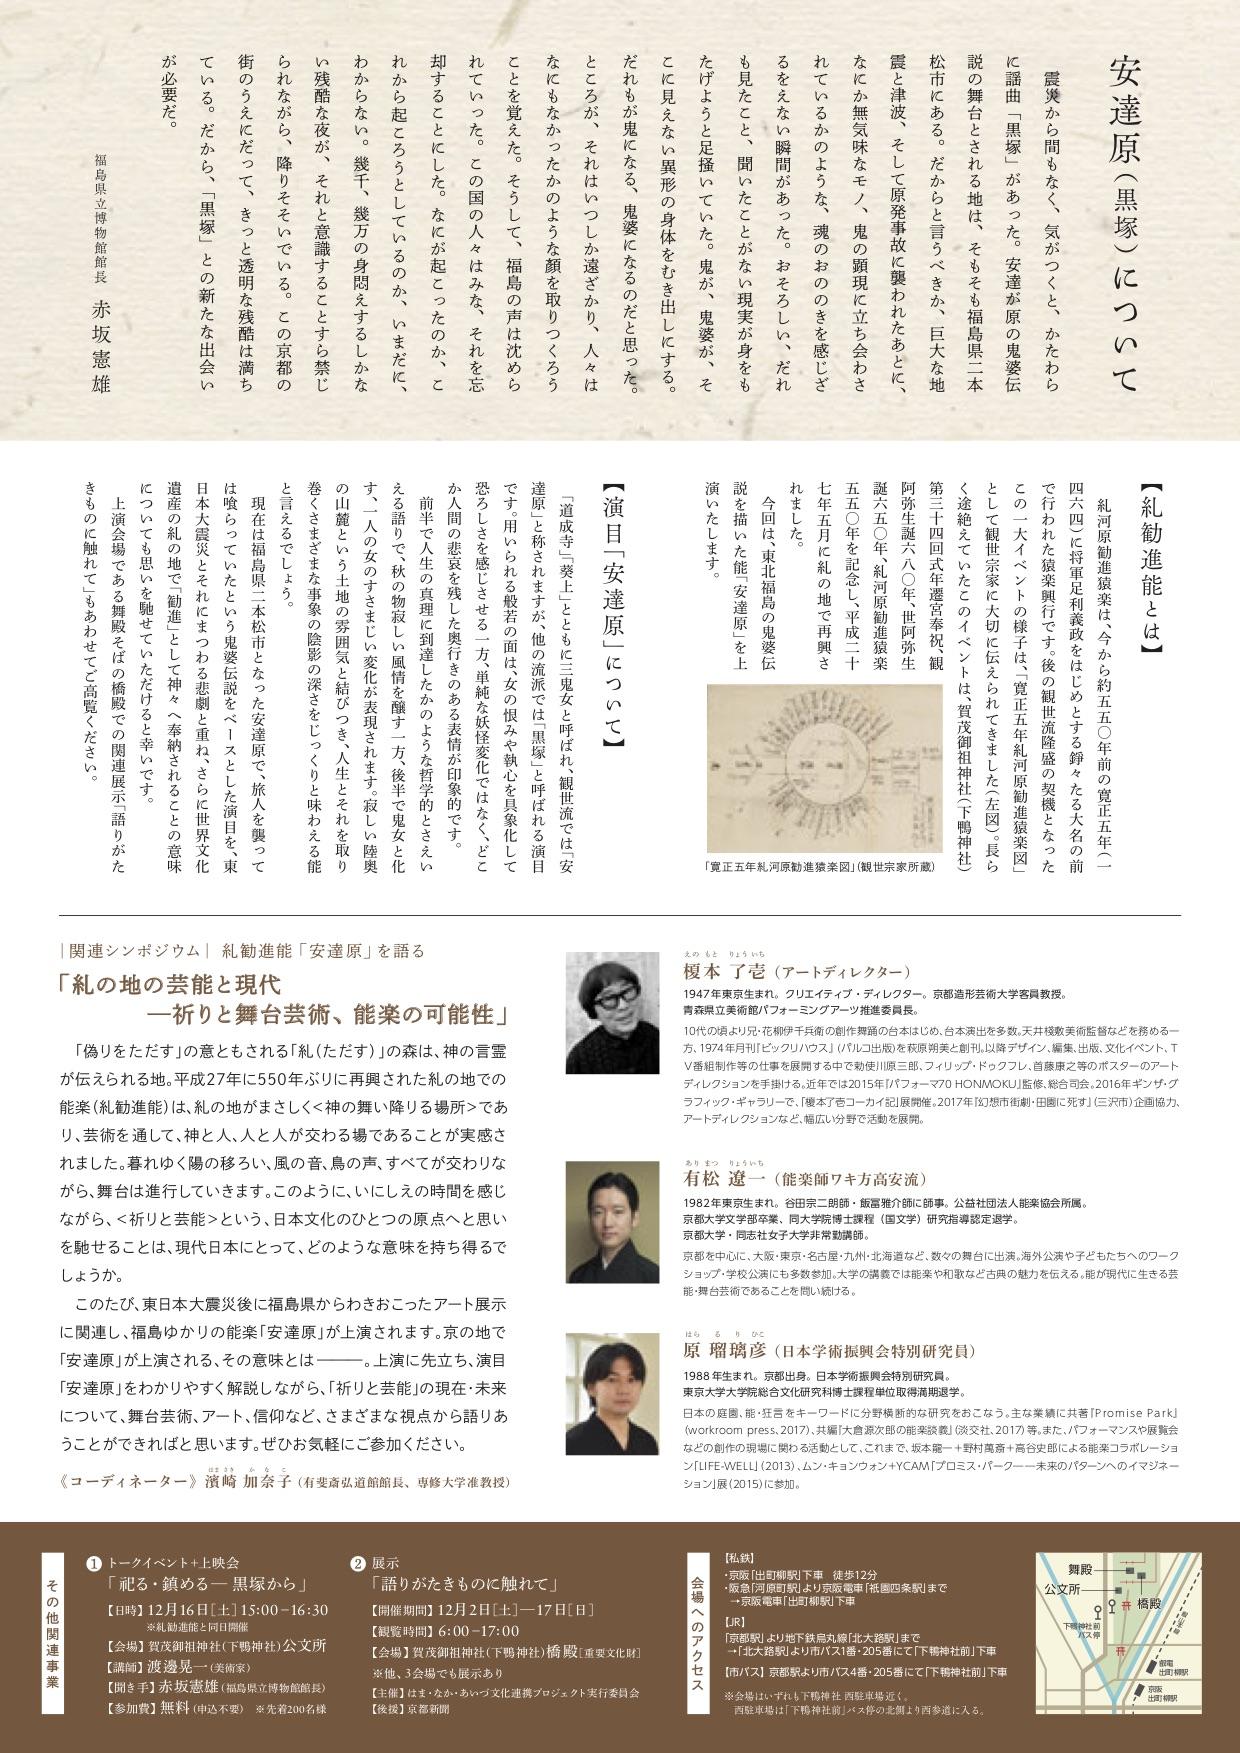 tadasu-kanjinnou_171115-2のコピー